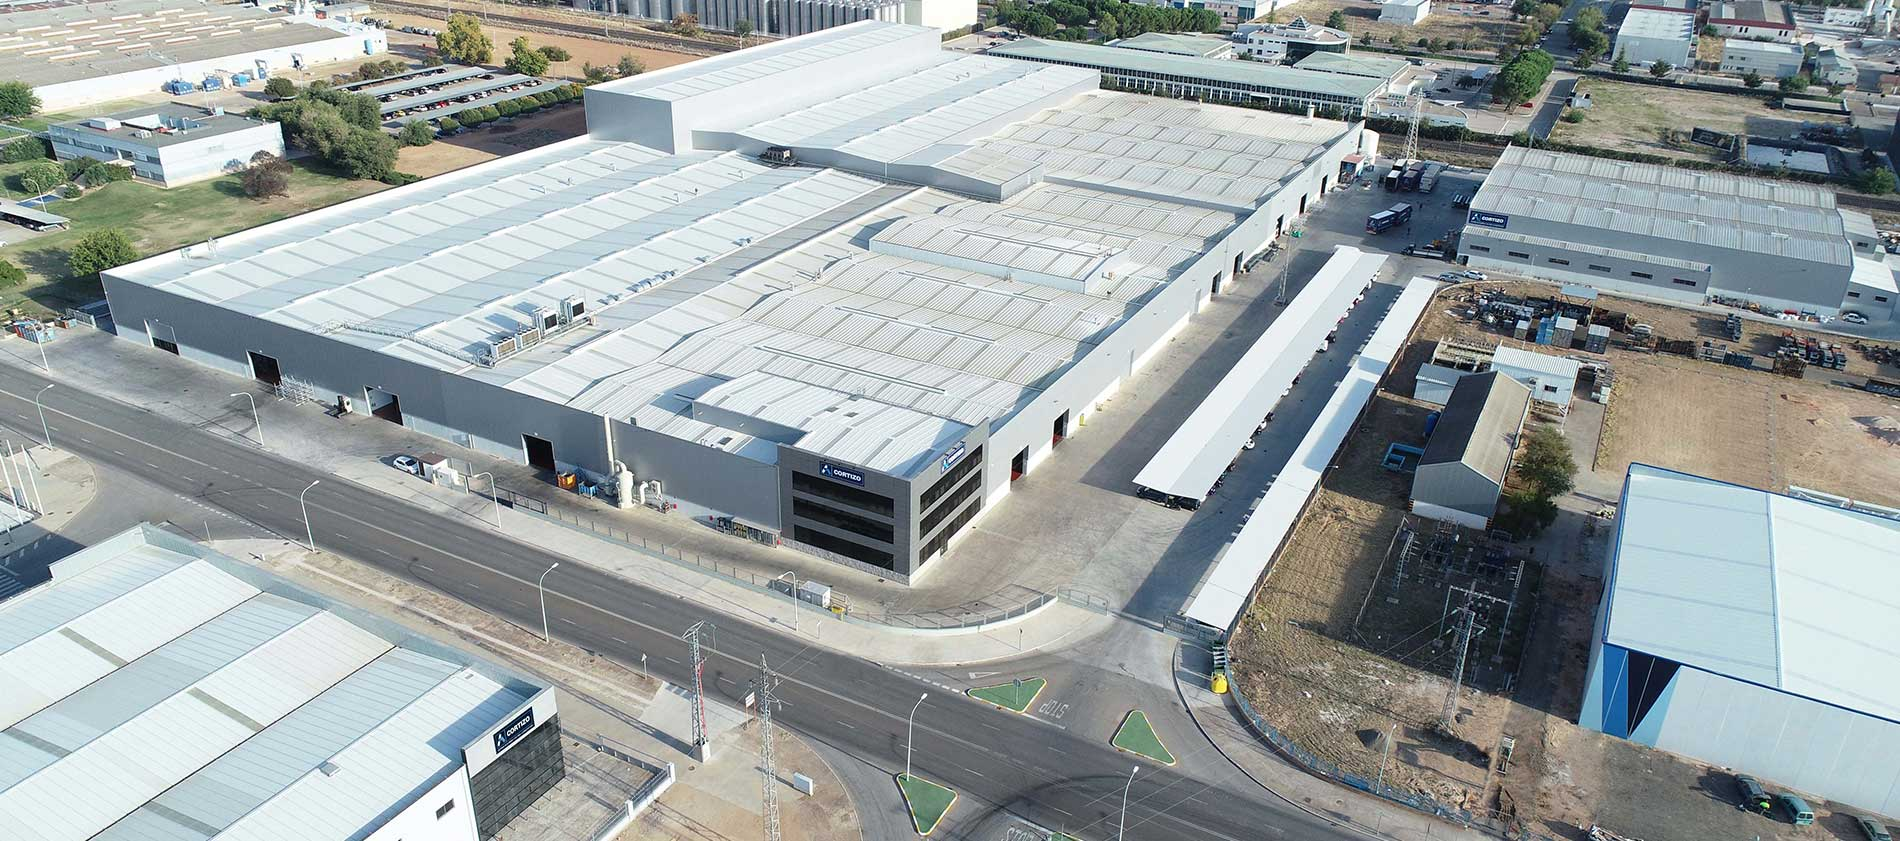 CORTIZO MANZANARES - CIUDAD REAL (ESPAGNE) CAPACITÉ DE PRODUCTION 6,000 t/an  Presse d'extrusion 3 Lignes de laquage Ligne d'anodisation 24.350 m² Couverts